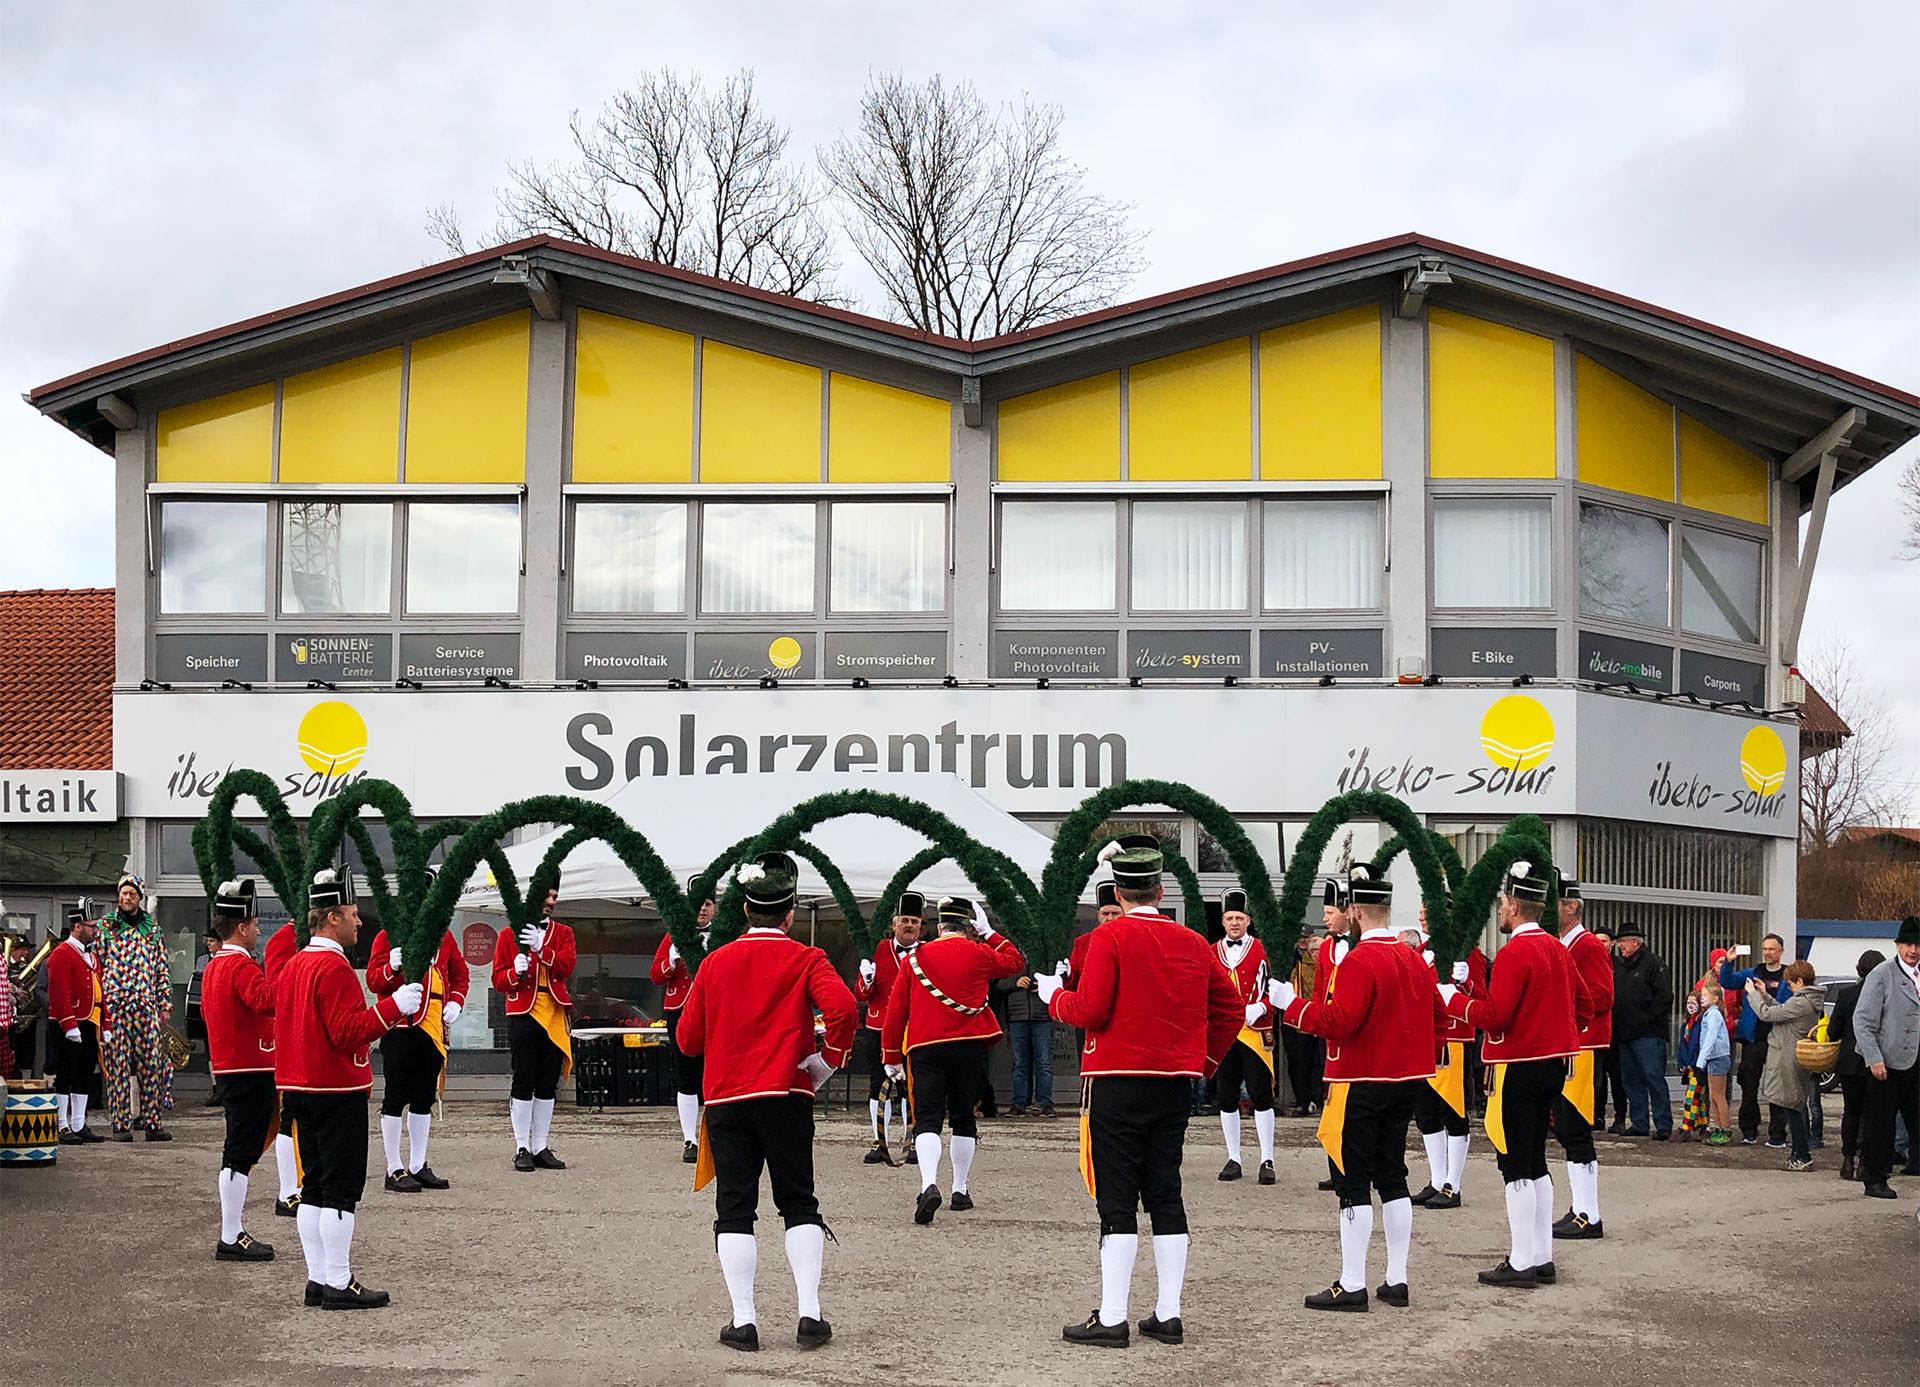 Der Schäfflertanz bei ibeko-solar GmbH in Kolbermoor 6